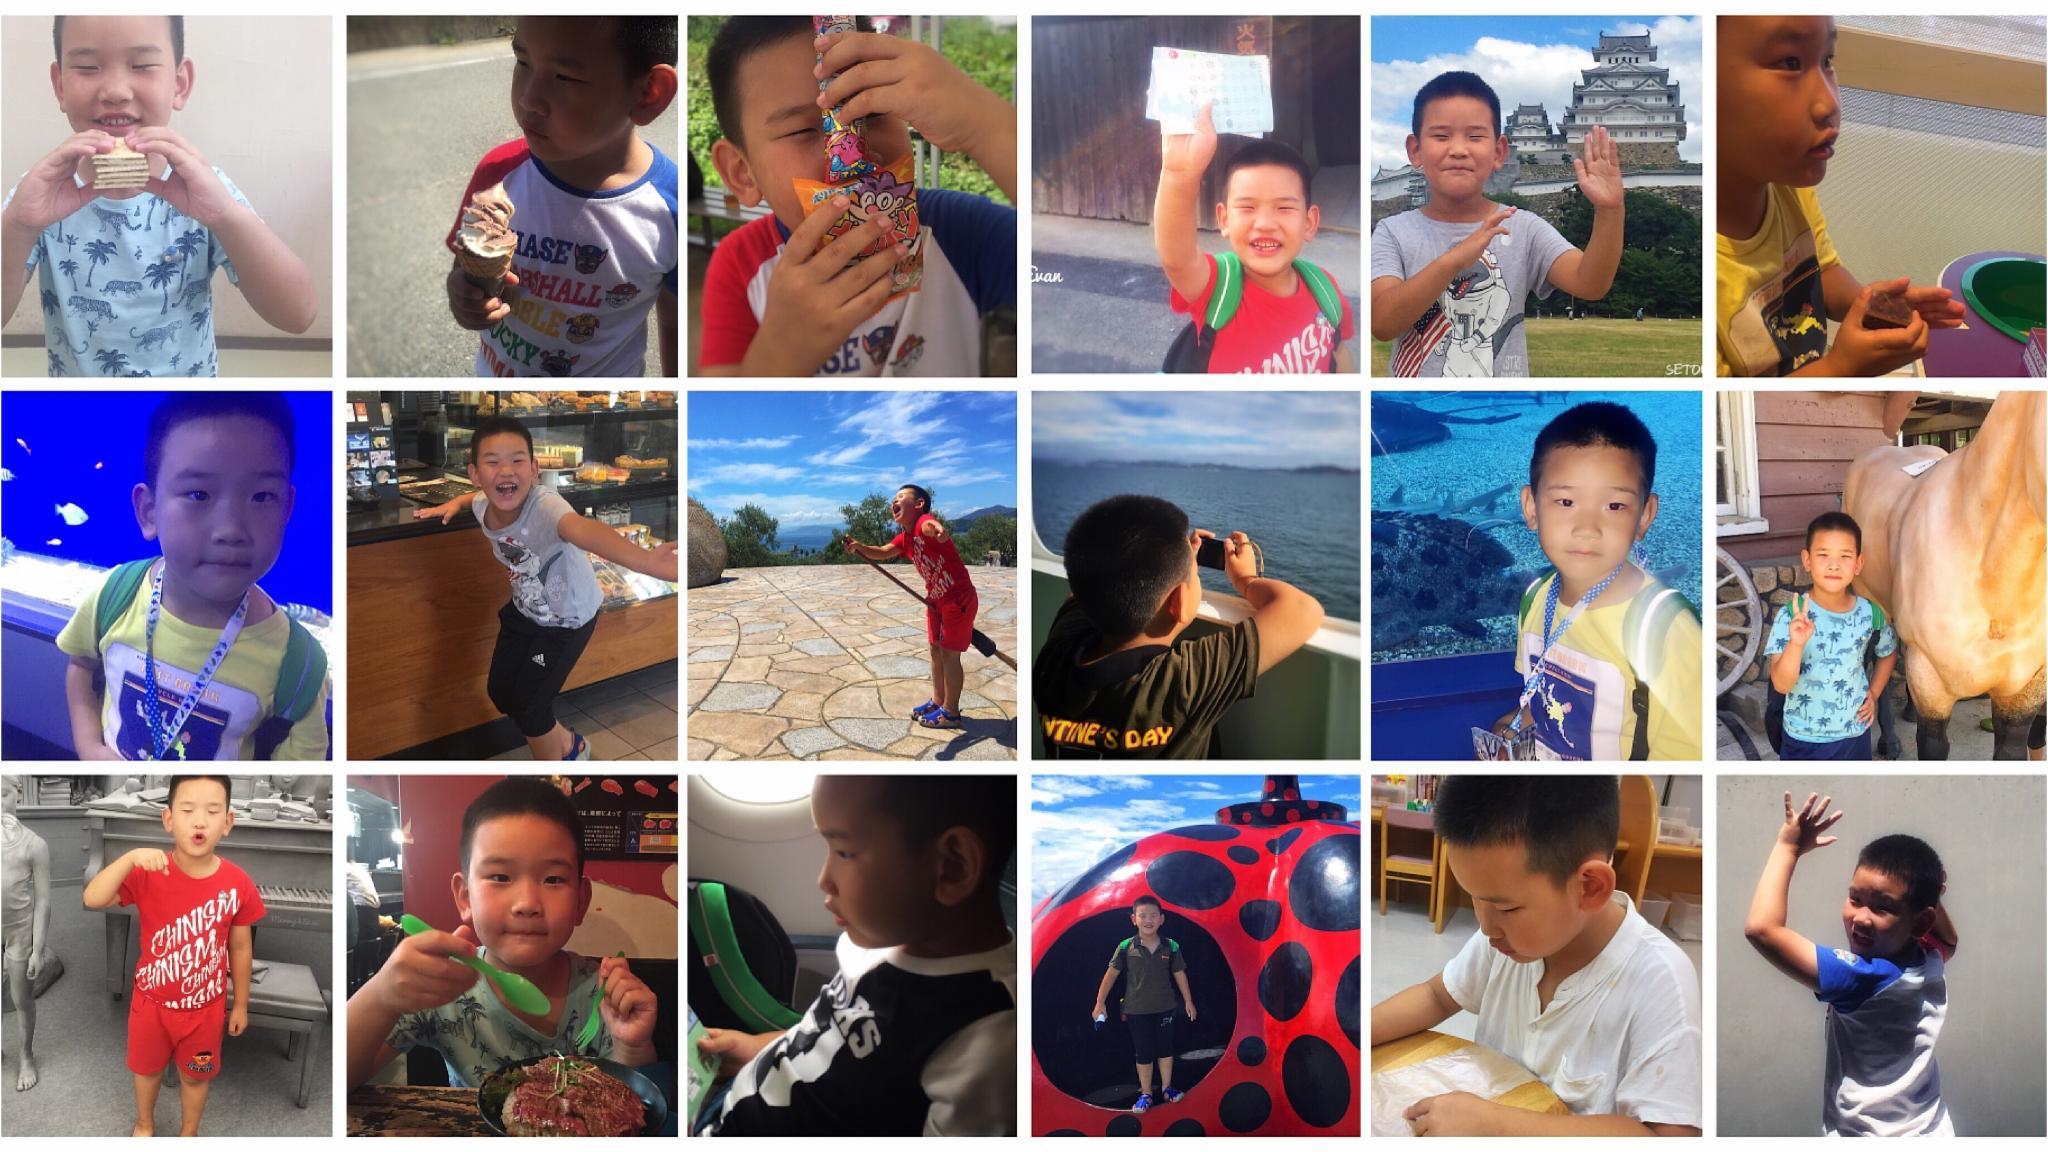 一娃一妈环濑户内海11日10城散游记-前半程艺术,后半程玩乐